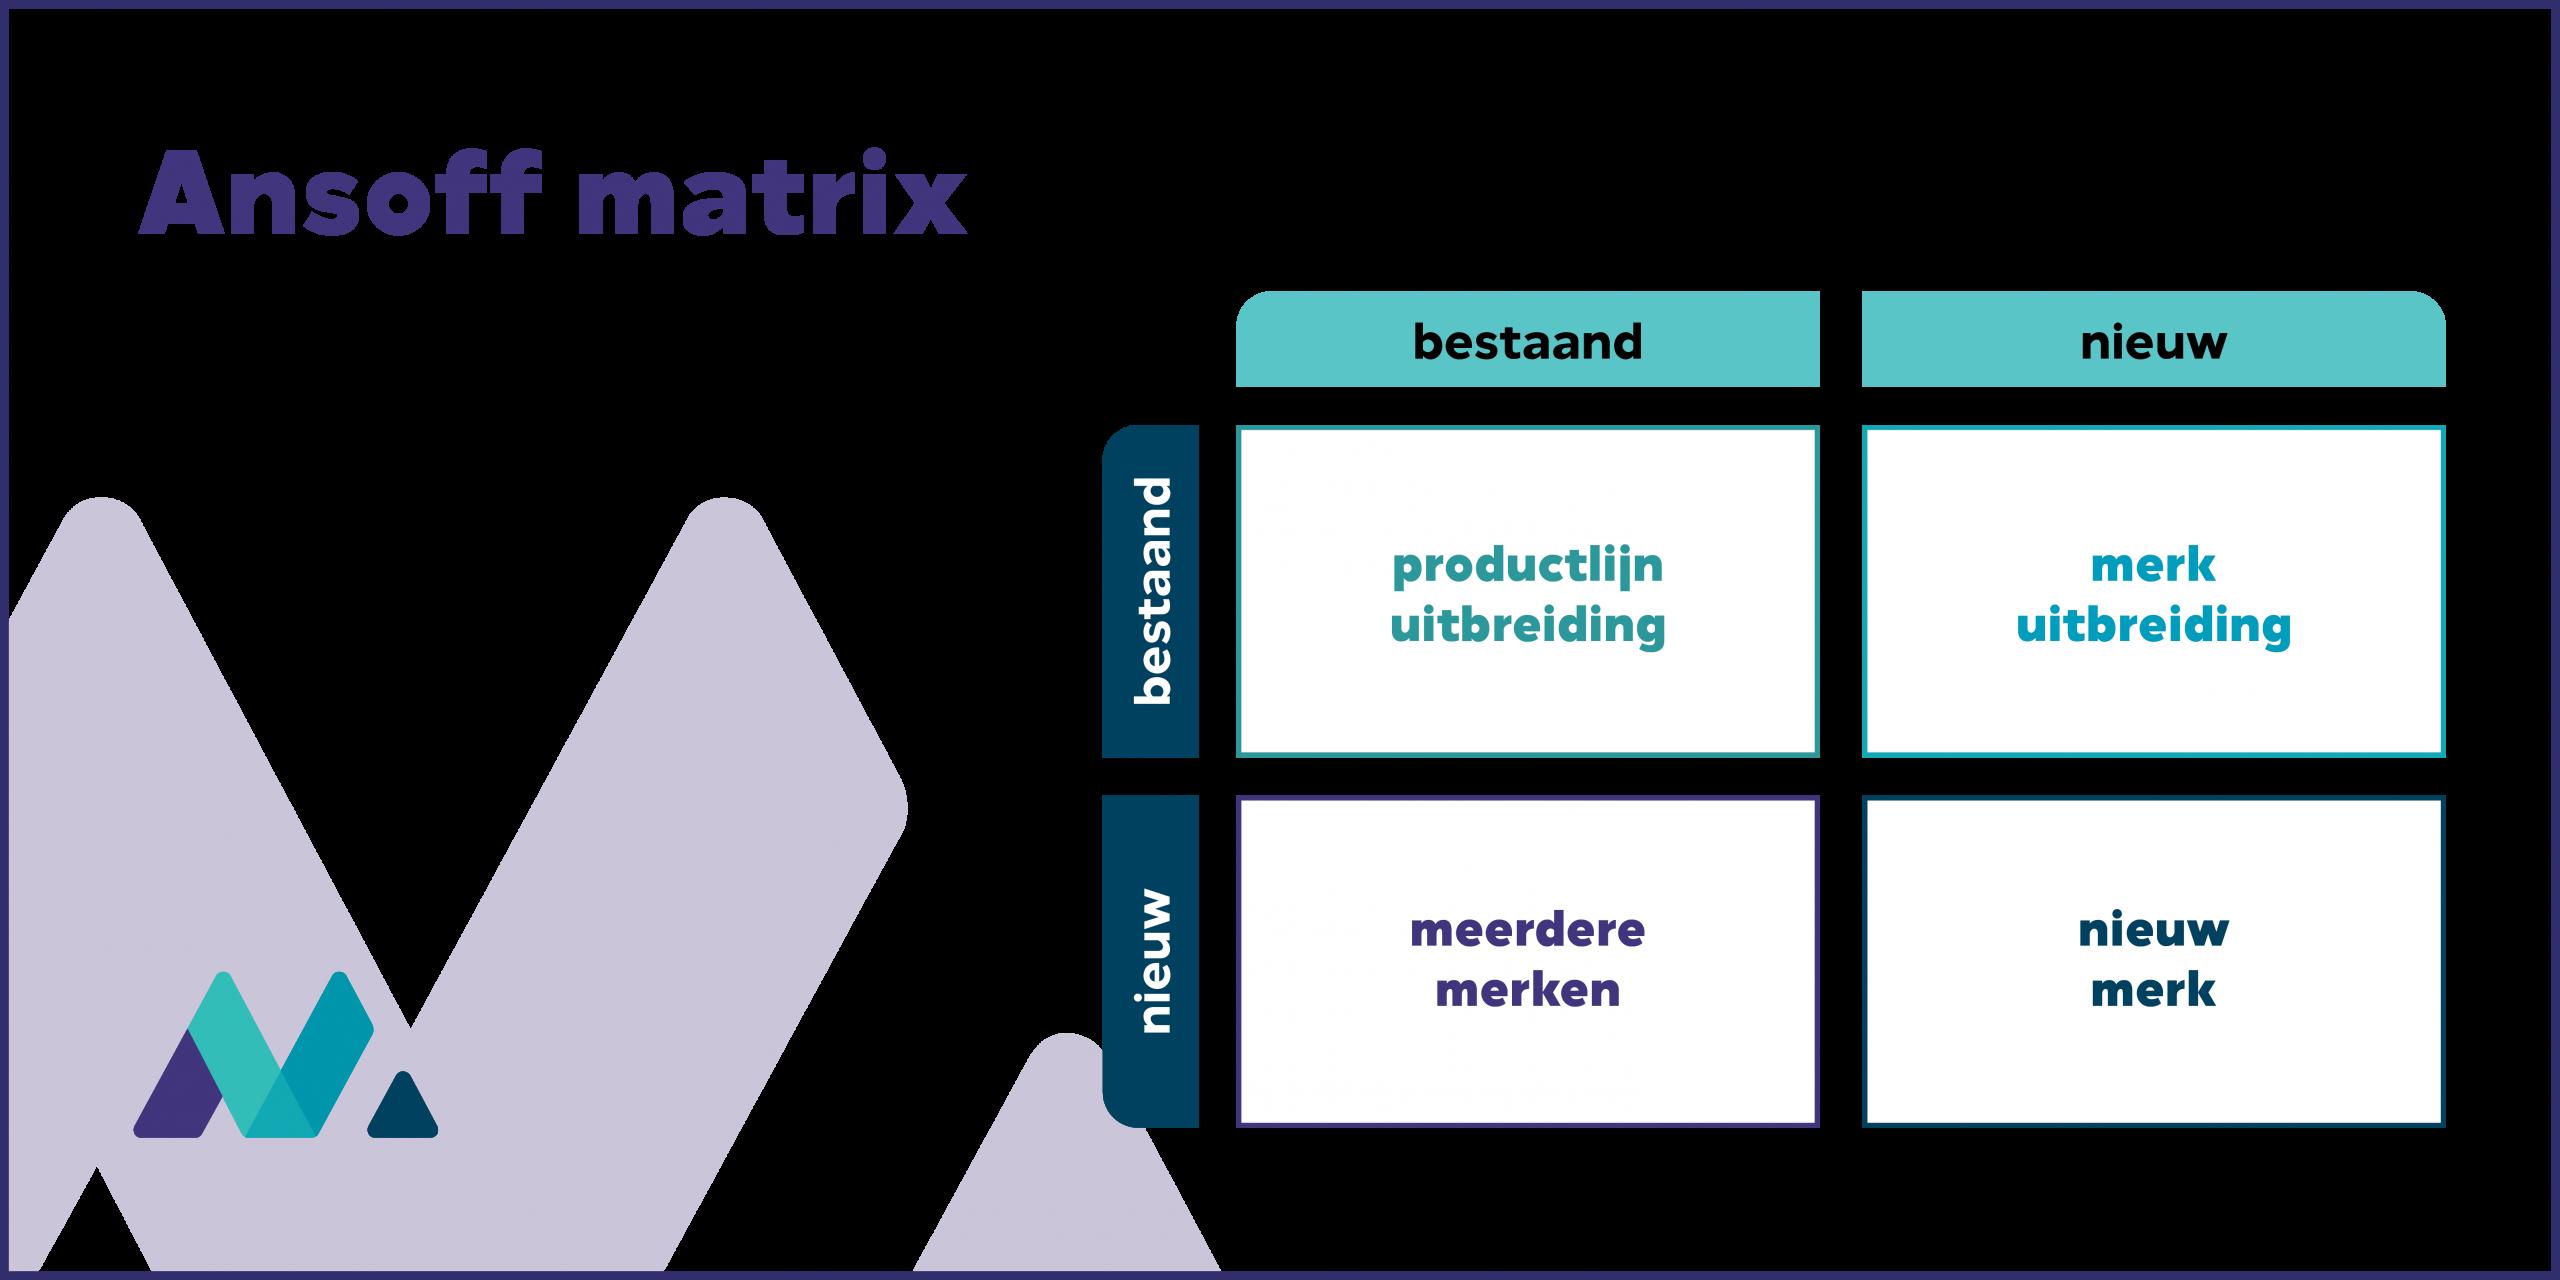 merkstrategie model ansoff matrix